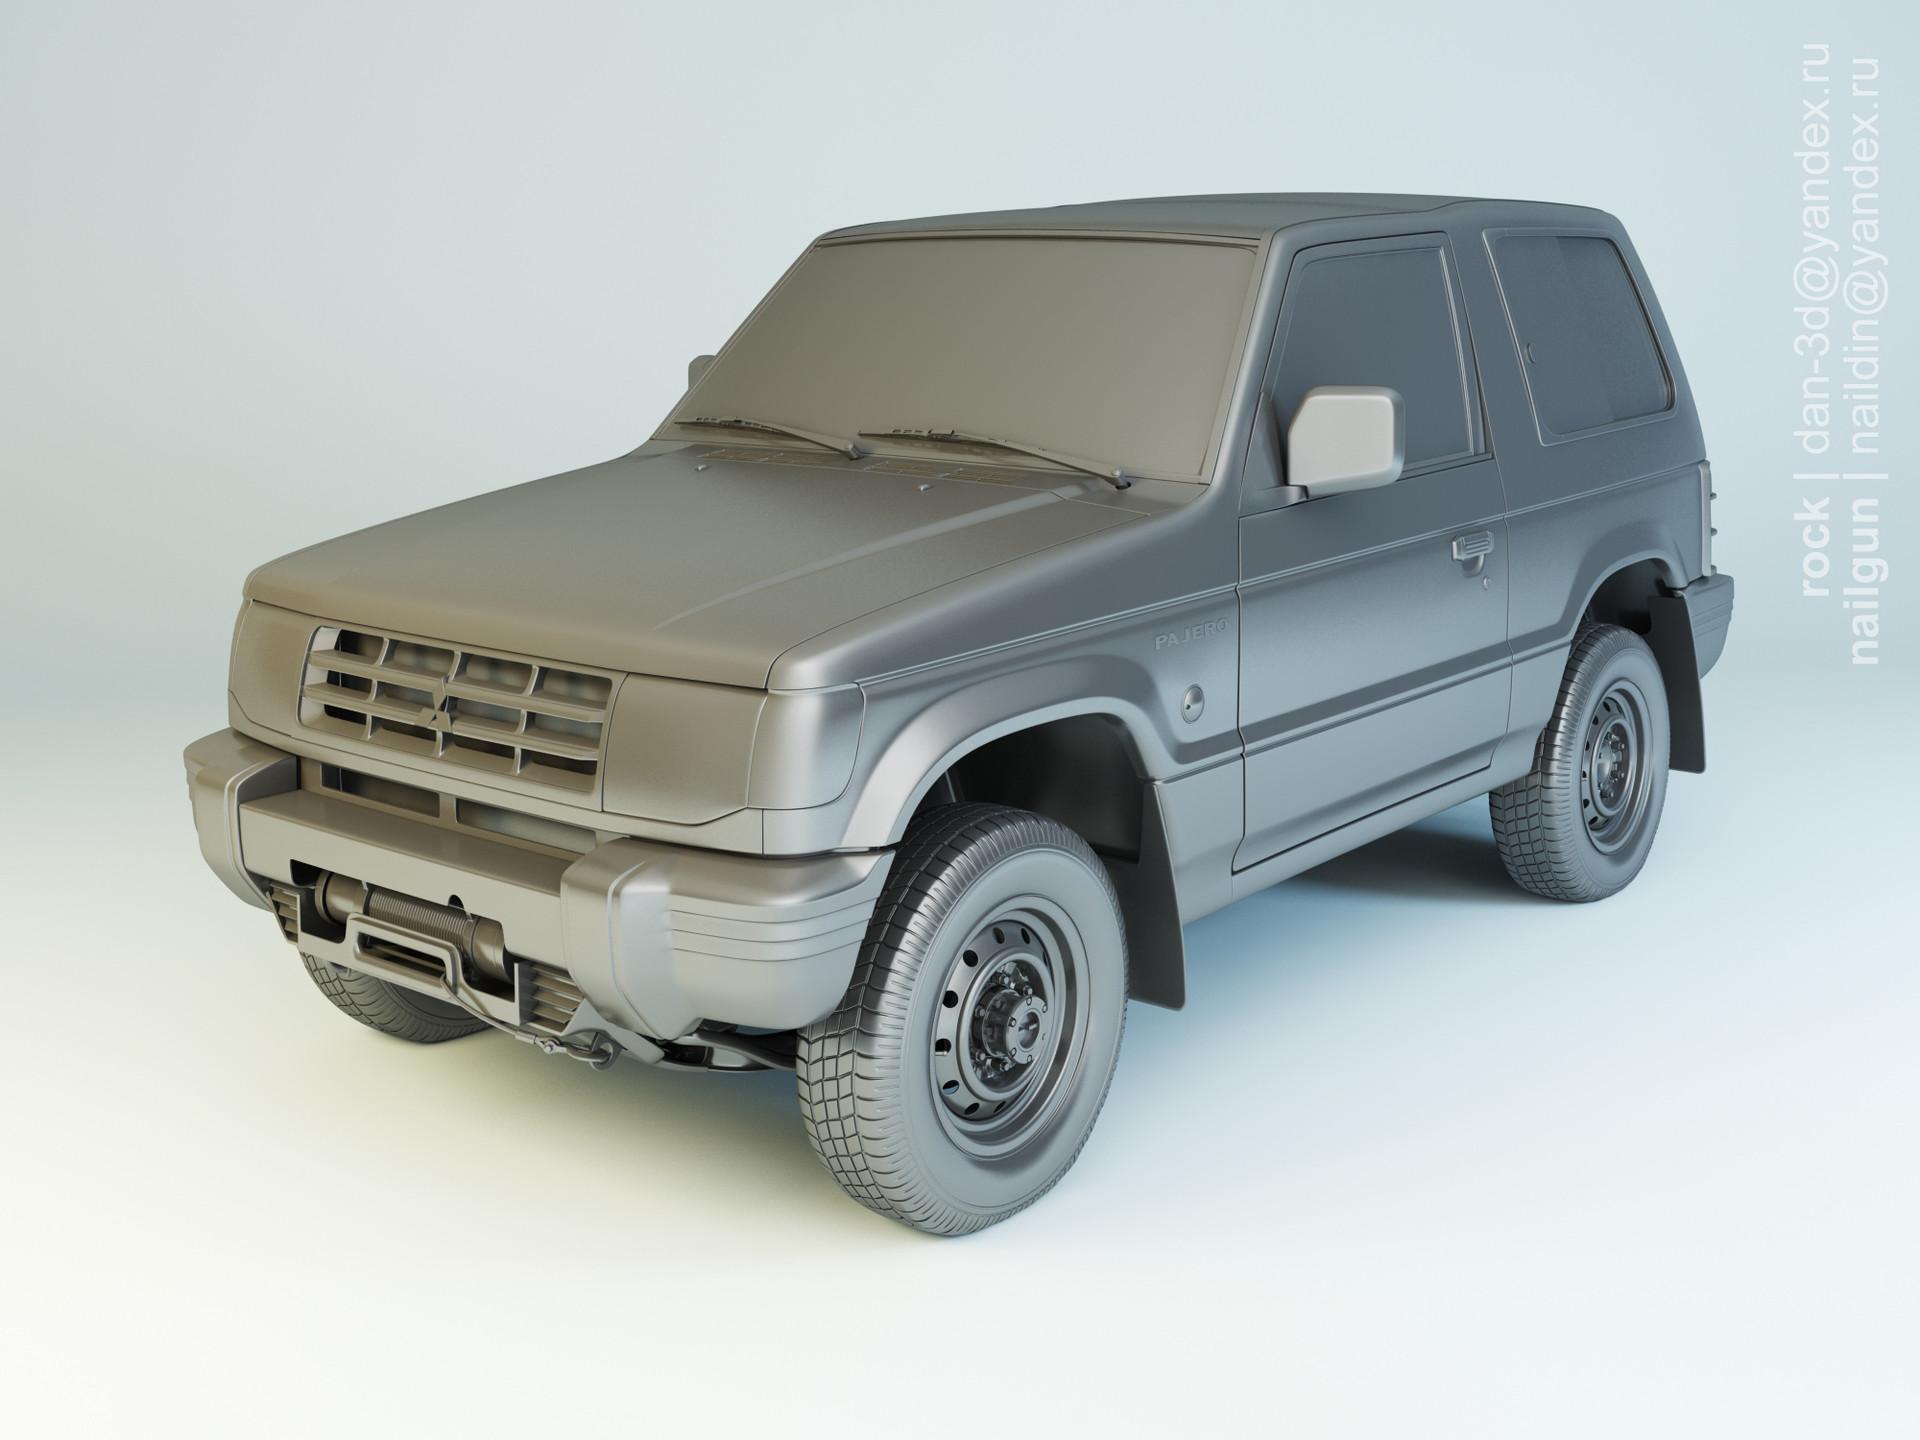 Nail khusnutdinov spwc 004 000 mitsubishi pajero modelling 0